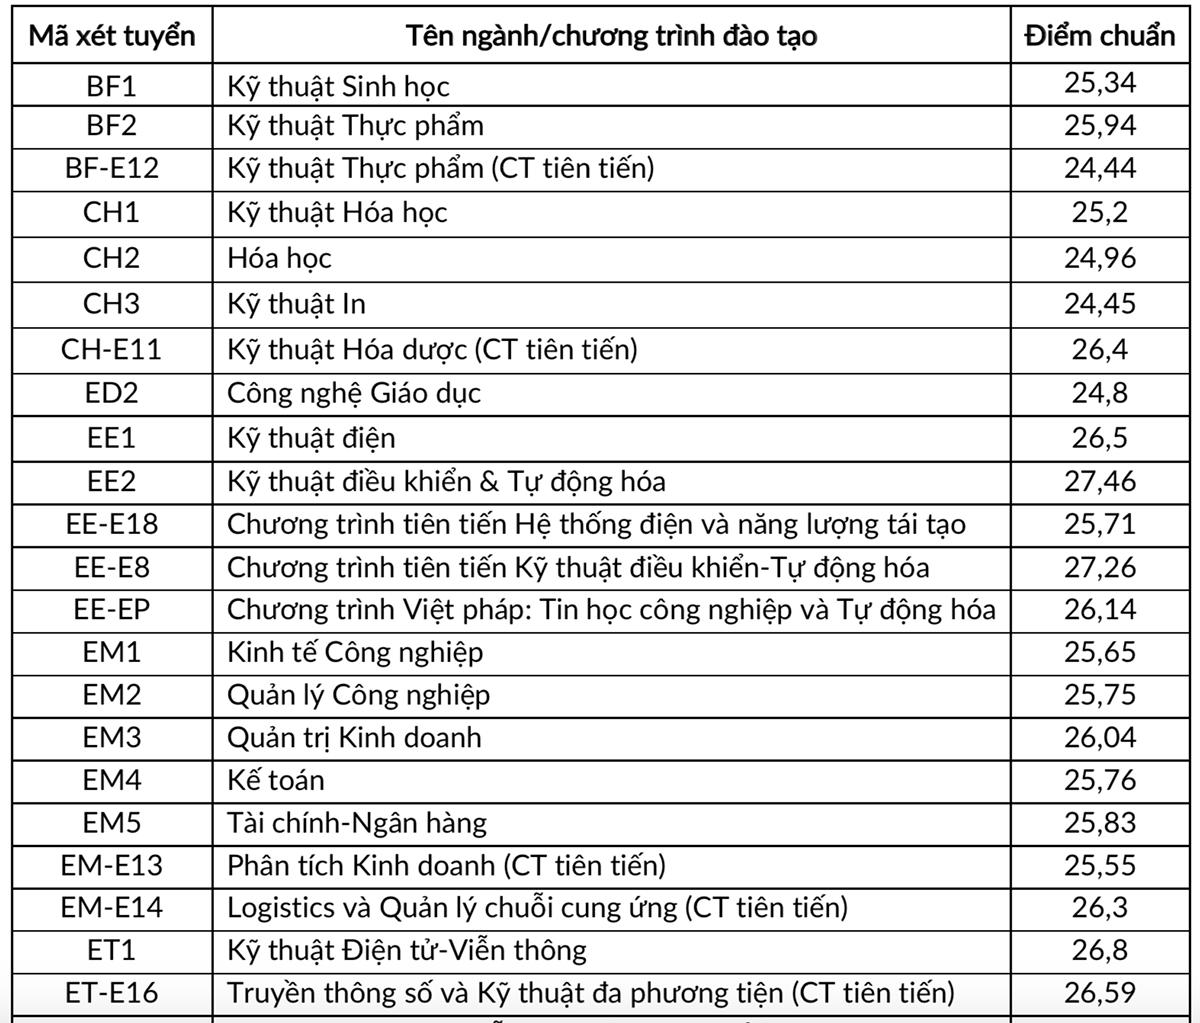 Đại học Bách khoa Hà Nội công bố điểm chuẩn